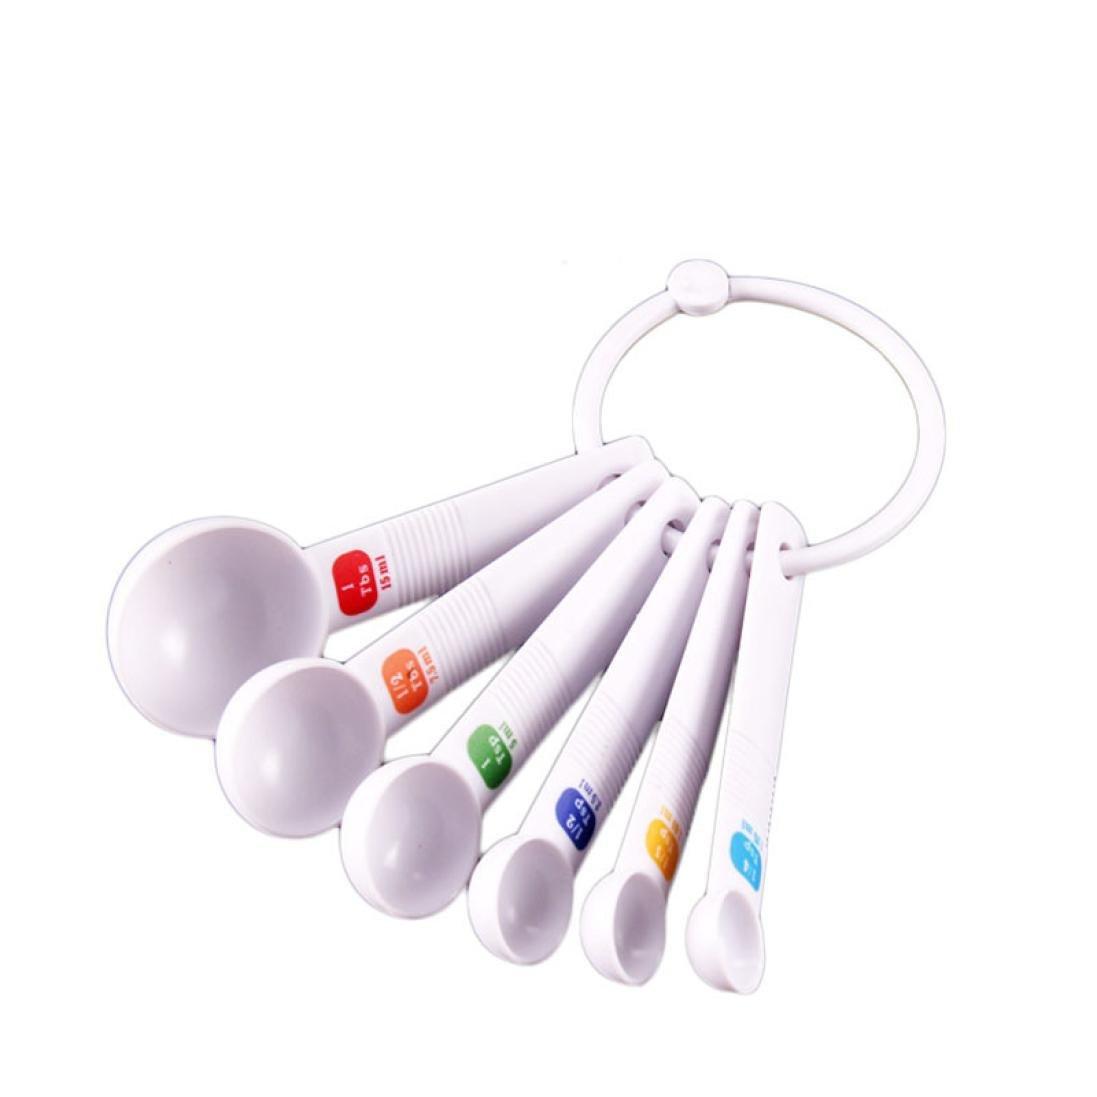 Measuring Spoon Tea Scoop Teaspoon Baking Cooking Kitchen Tool 6PC White Zolimx